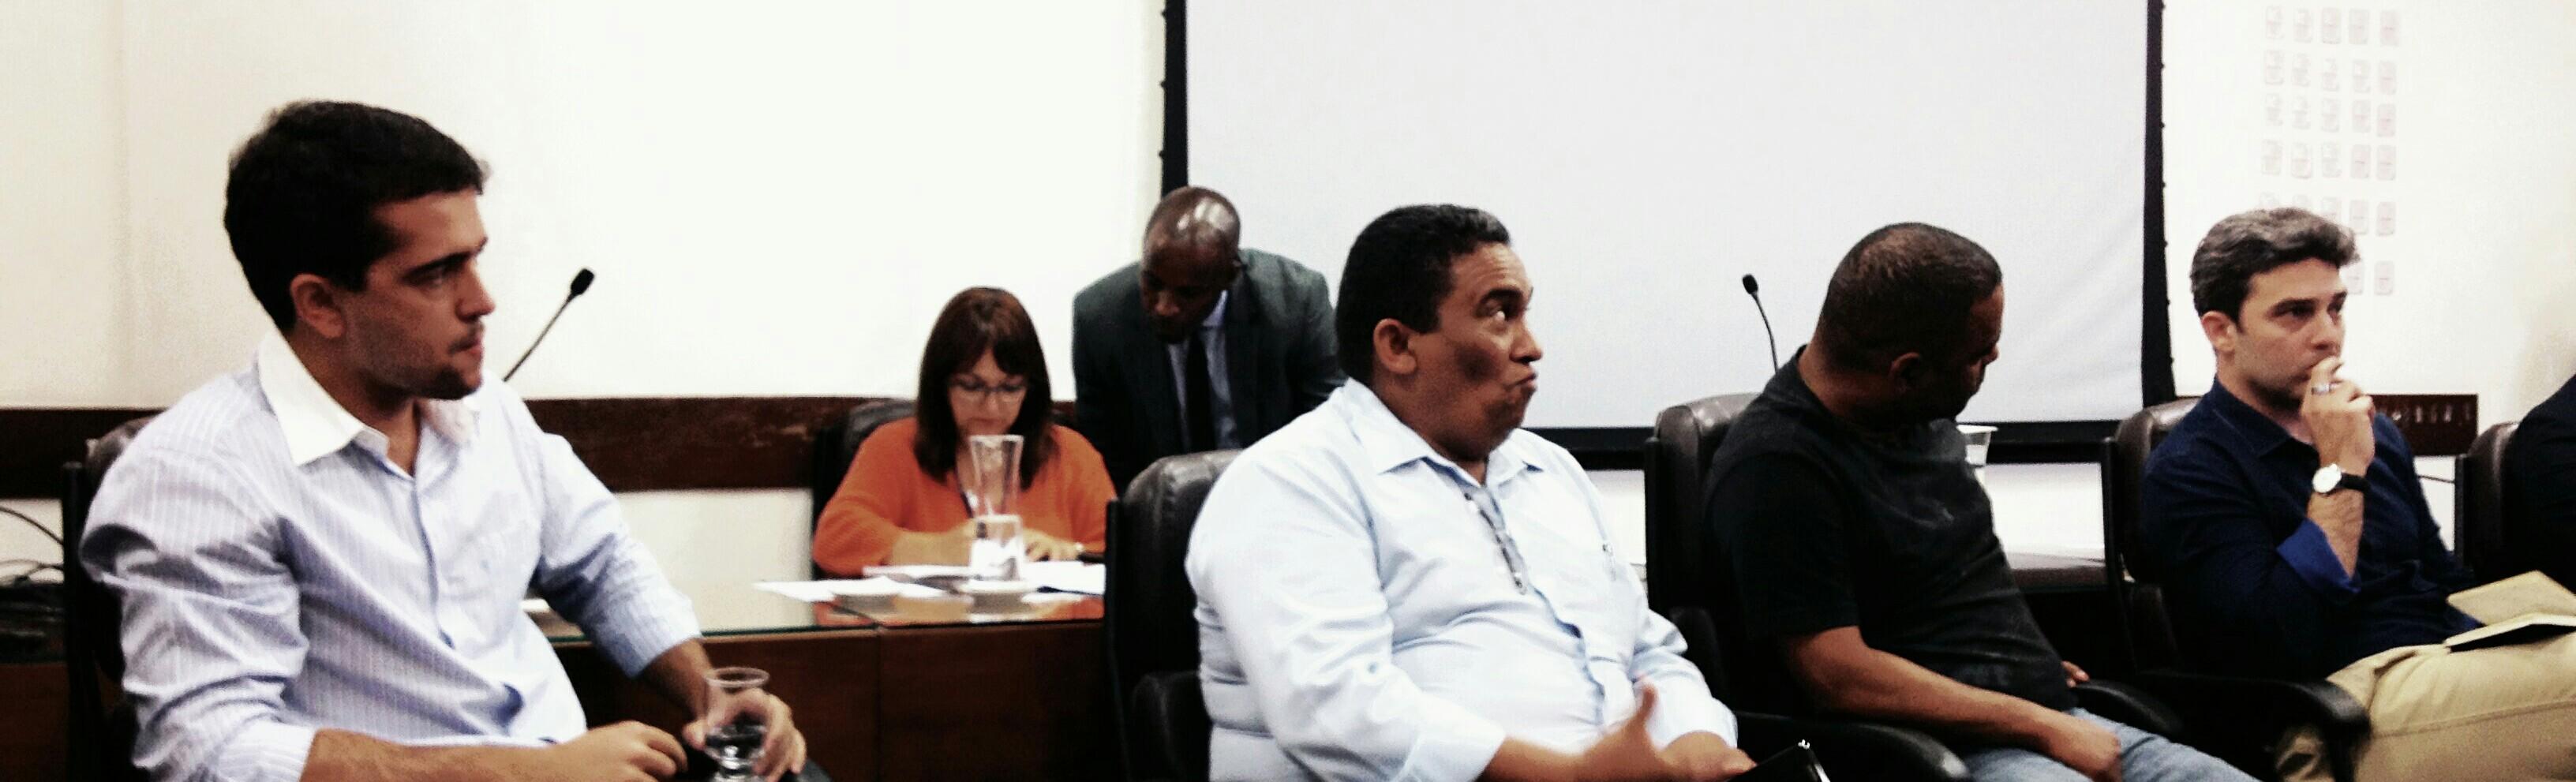 InternetLab participa de debates com vereadores na Câmara Municipal de São Paulo.